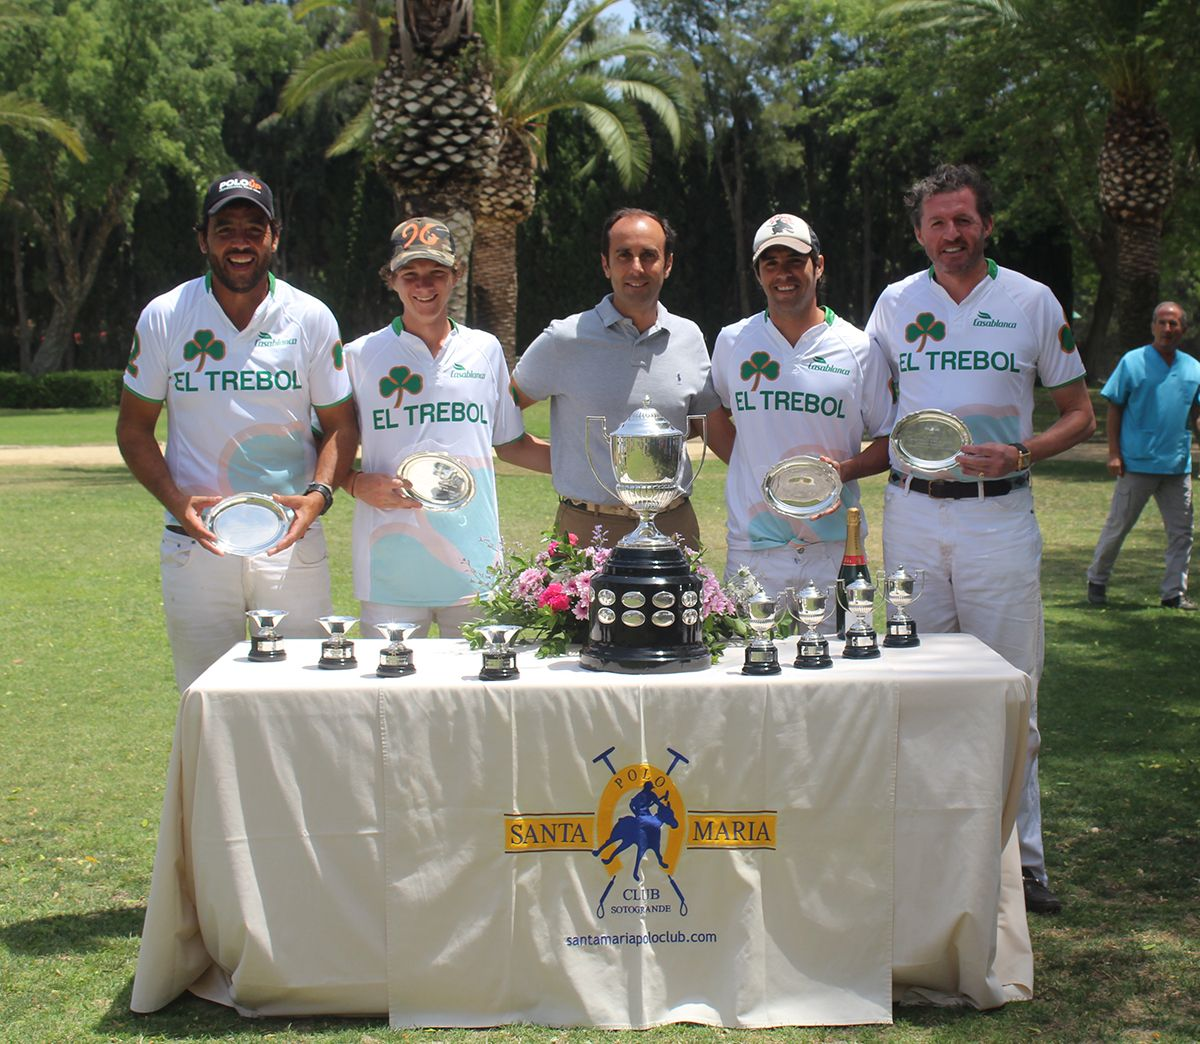 El Trébol, tercera posición del  XIII Memorial Manuel Prado y Colon de Carvajal, celebrado del 15 al 17 de julio de 2016 en las canchas de Puente de Hierro de Santa María Polo Club.